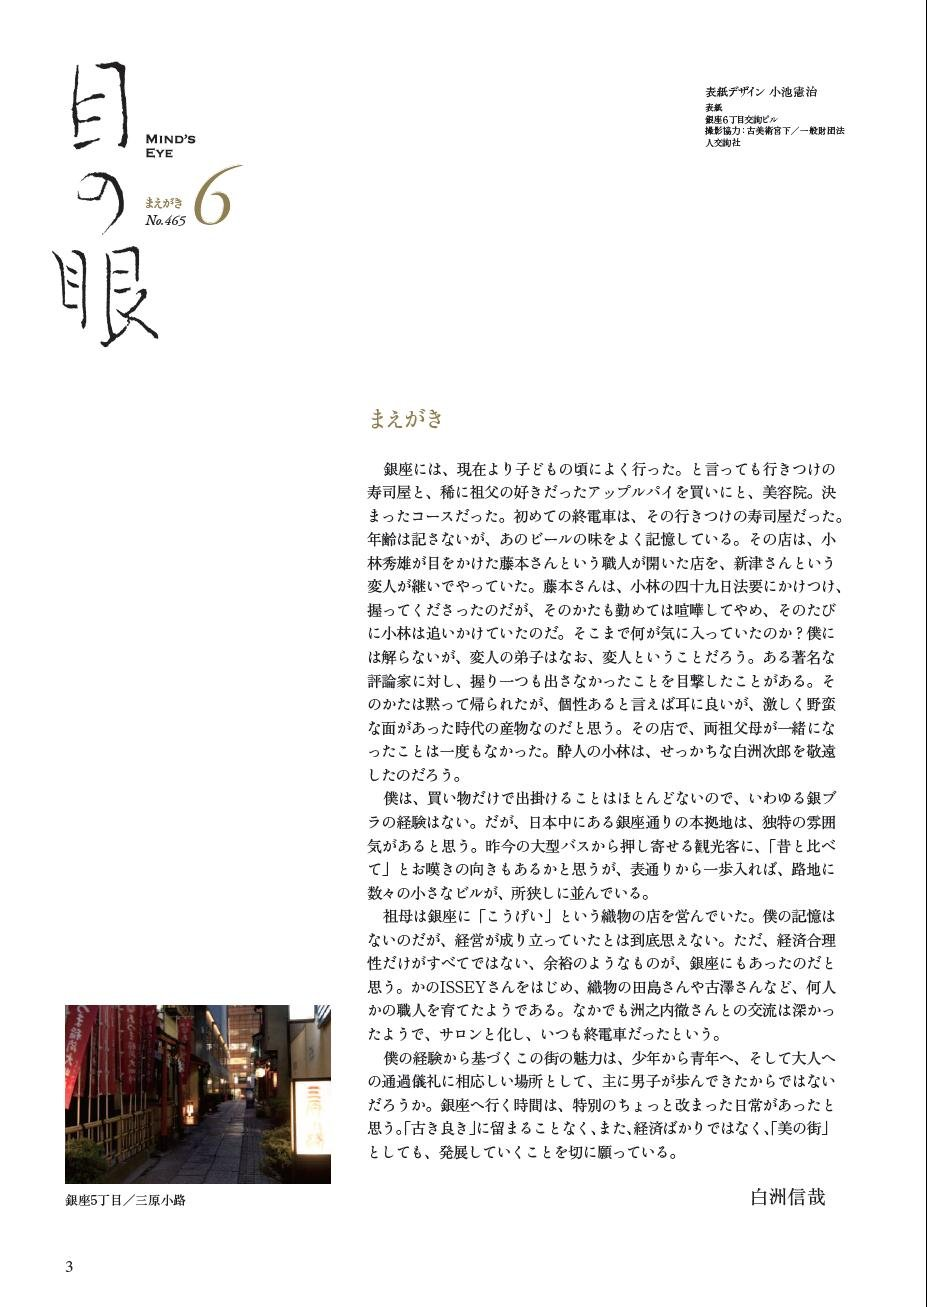 月刊 目の眼 白洲信哉 白洲次郎 menome201506